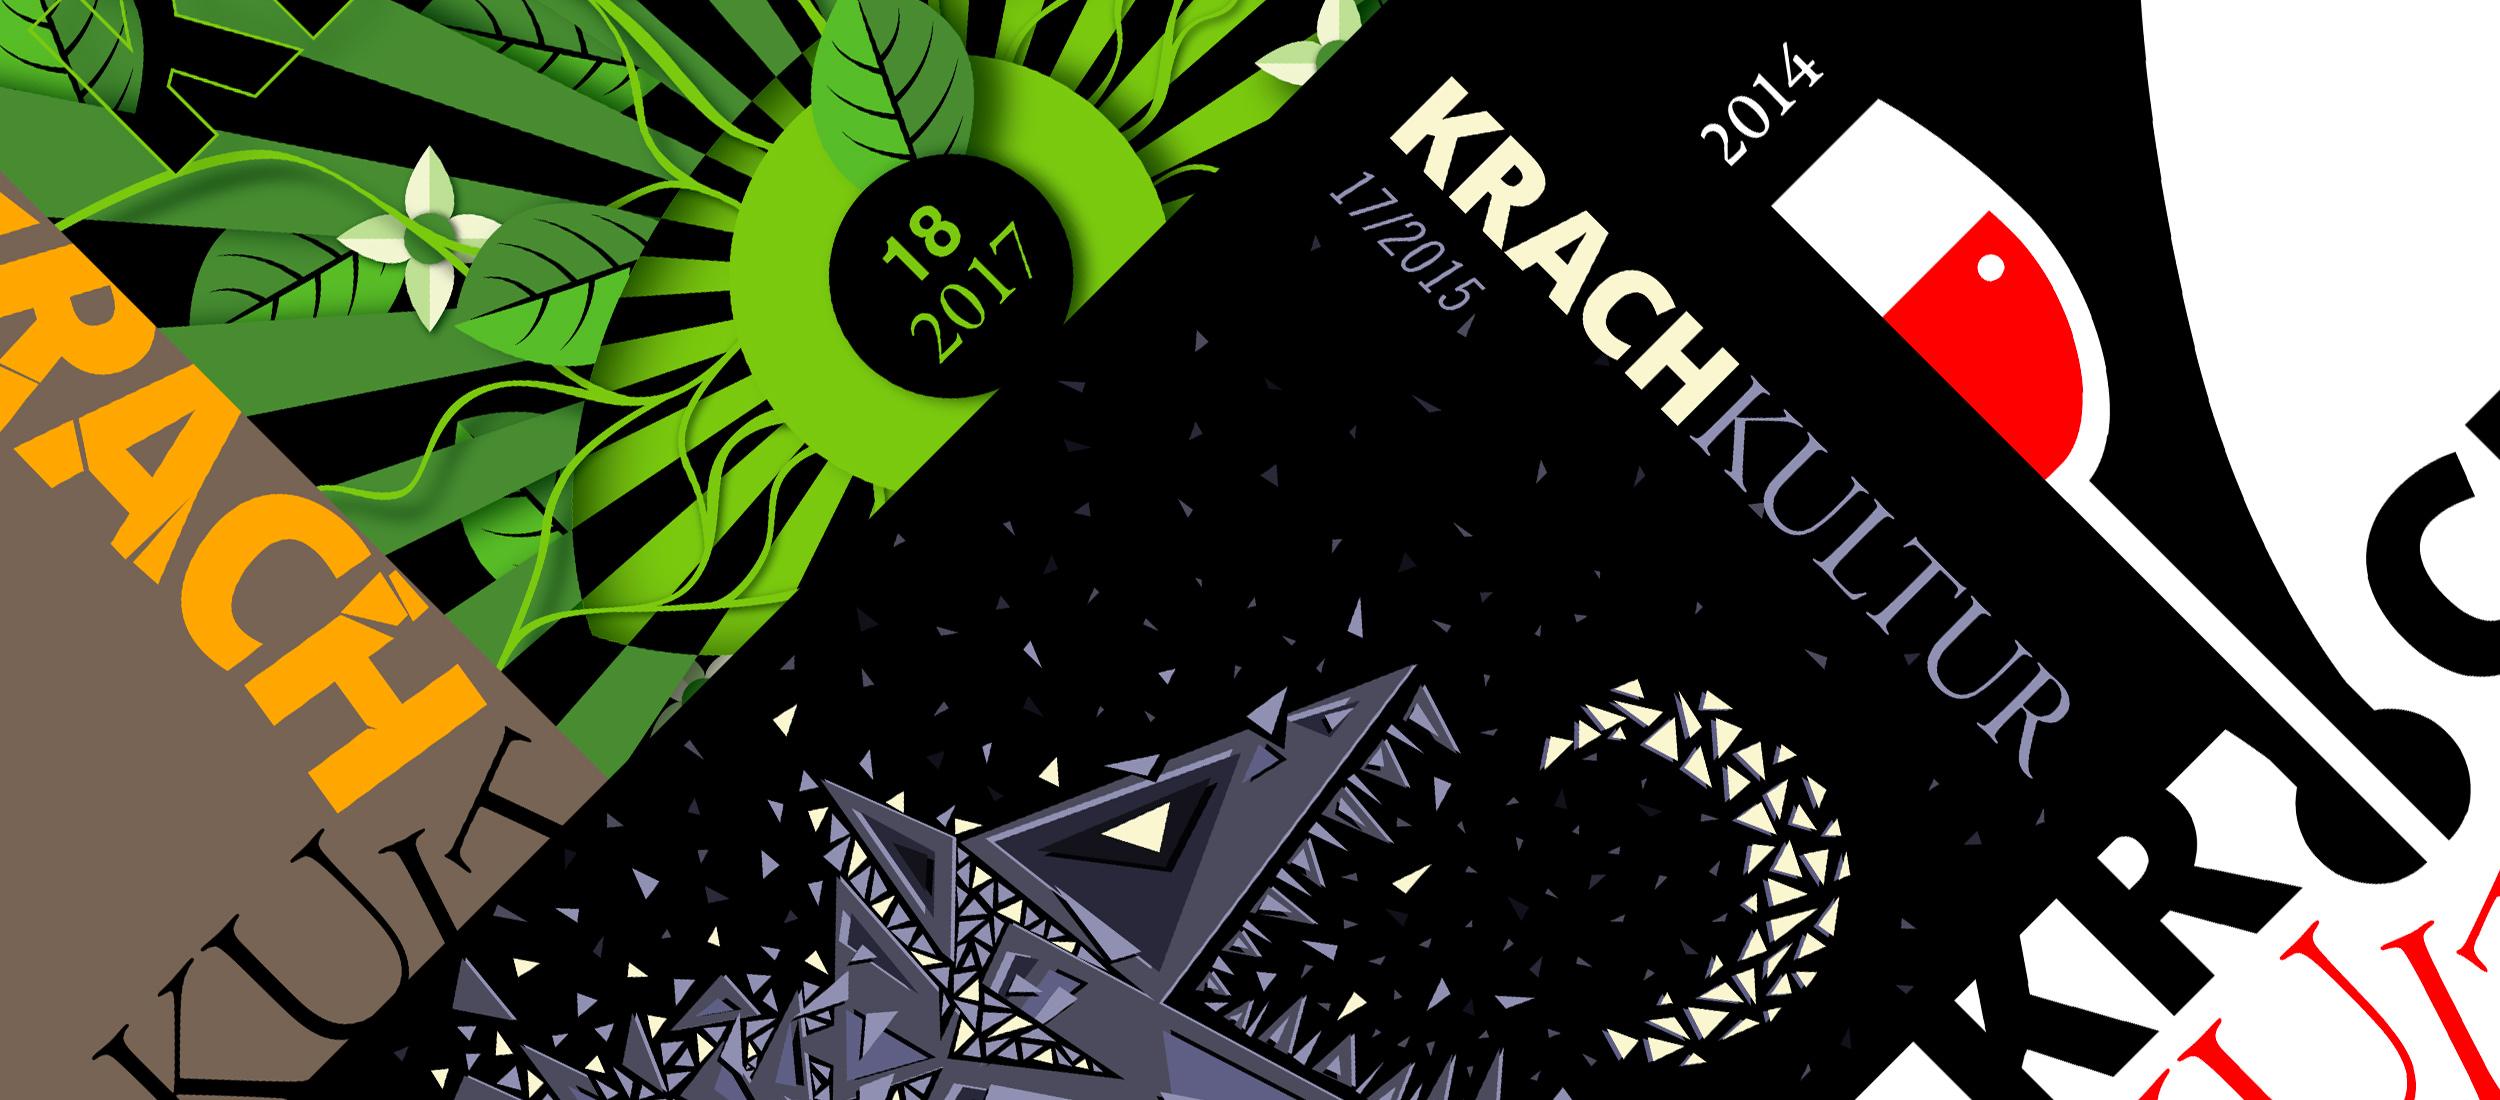 krachkultur-cover-collage.jpg